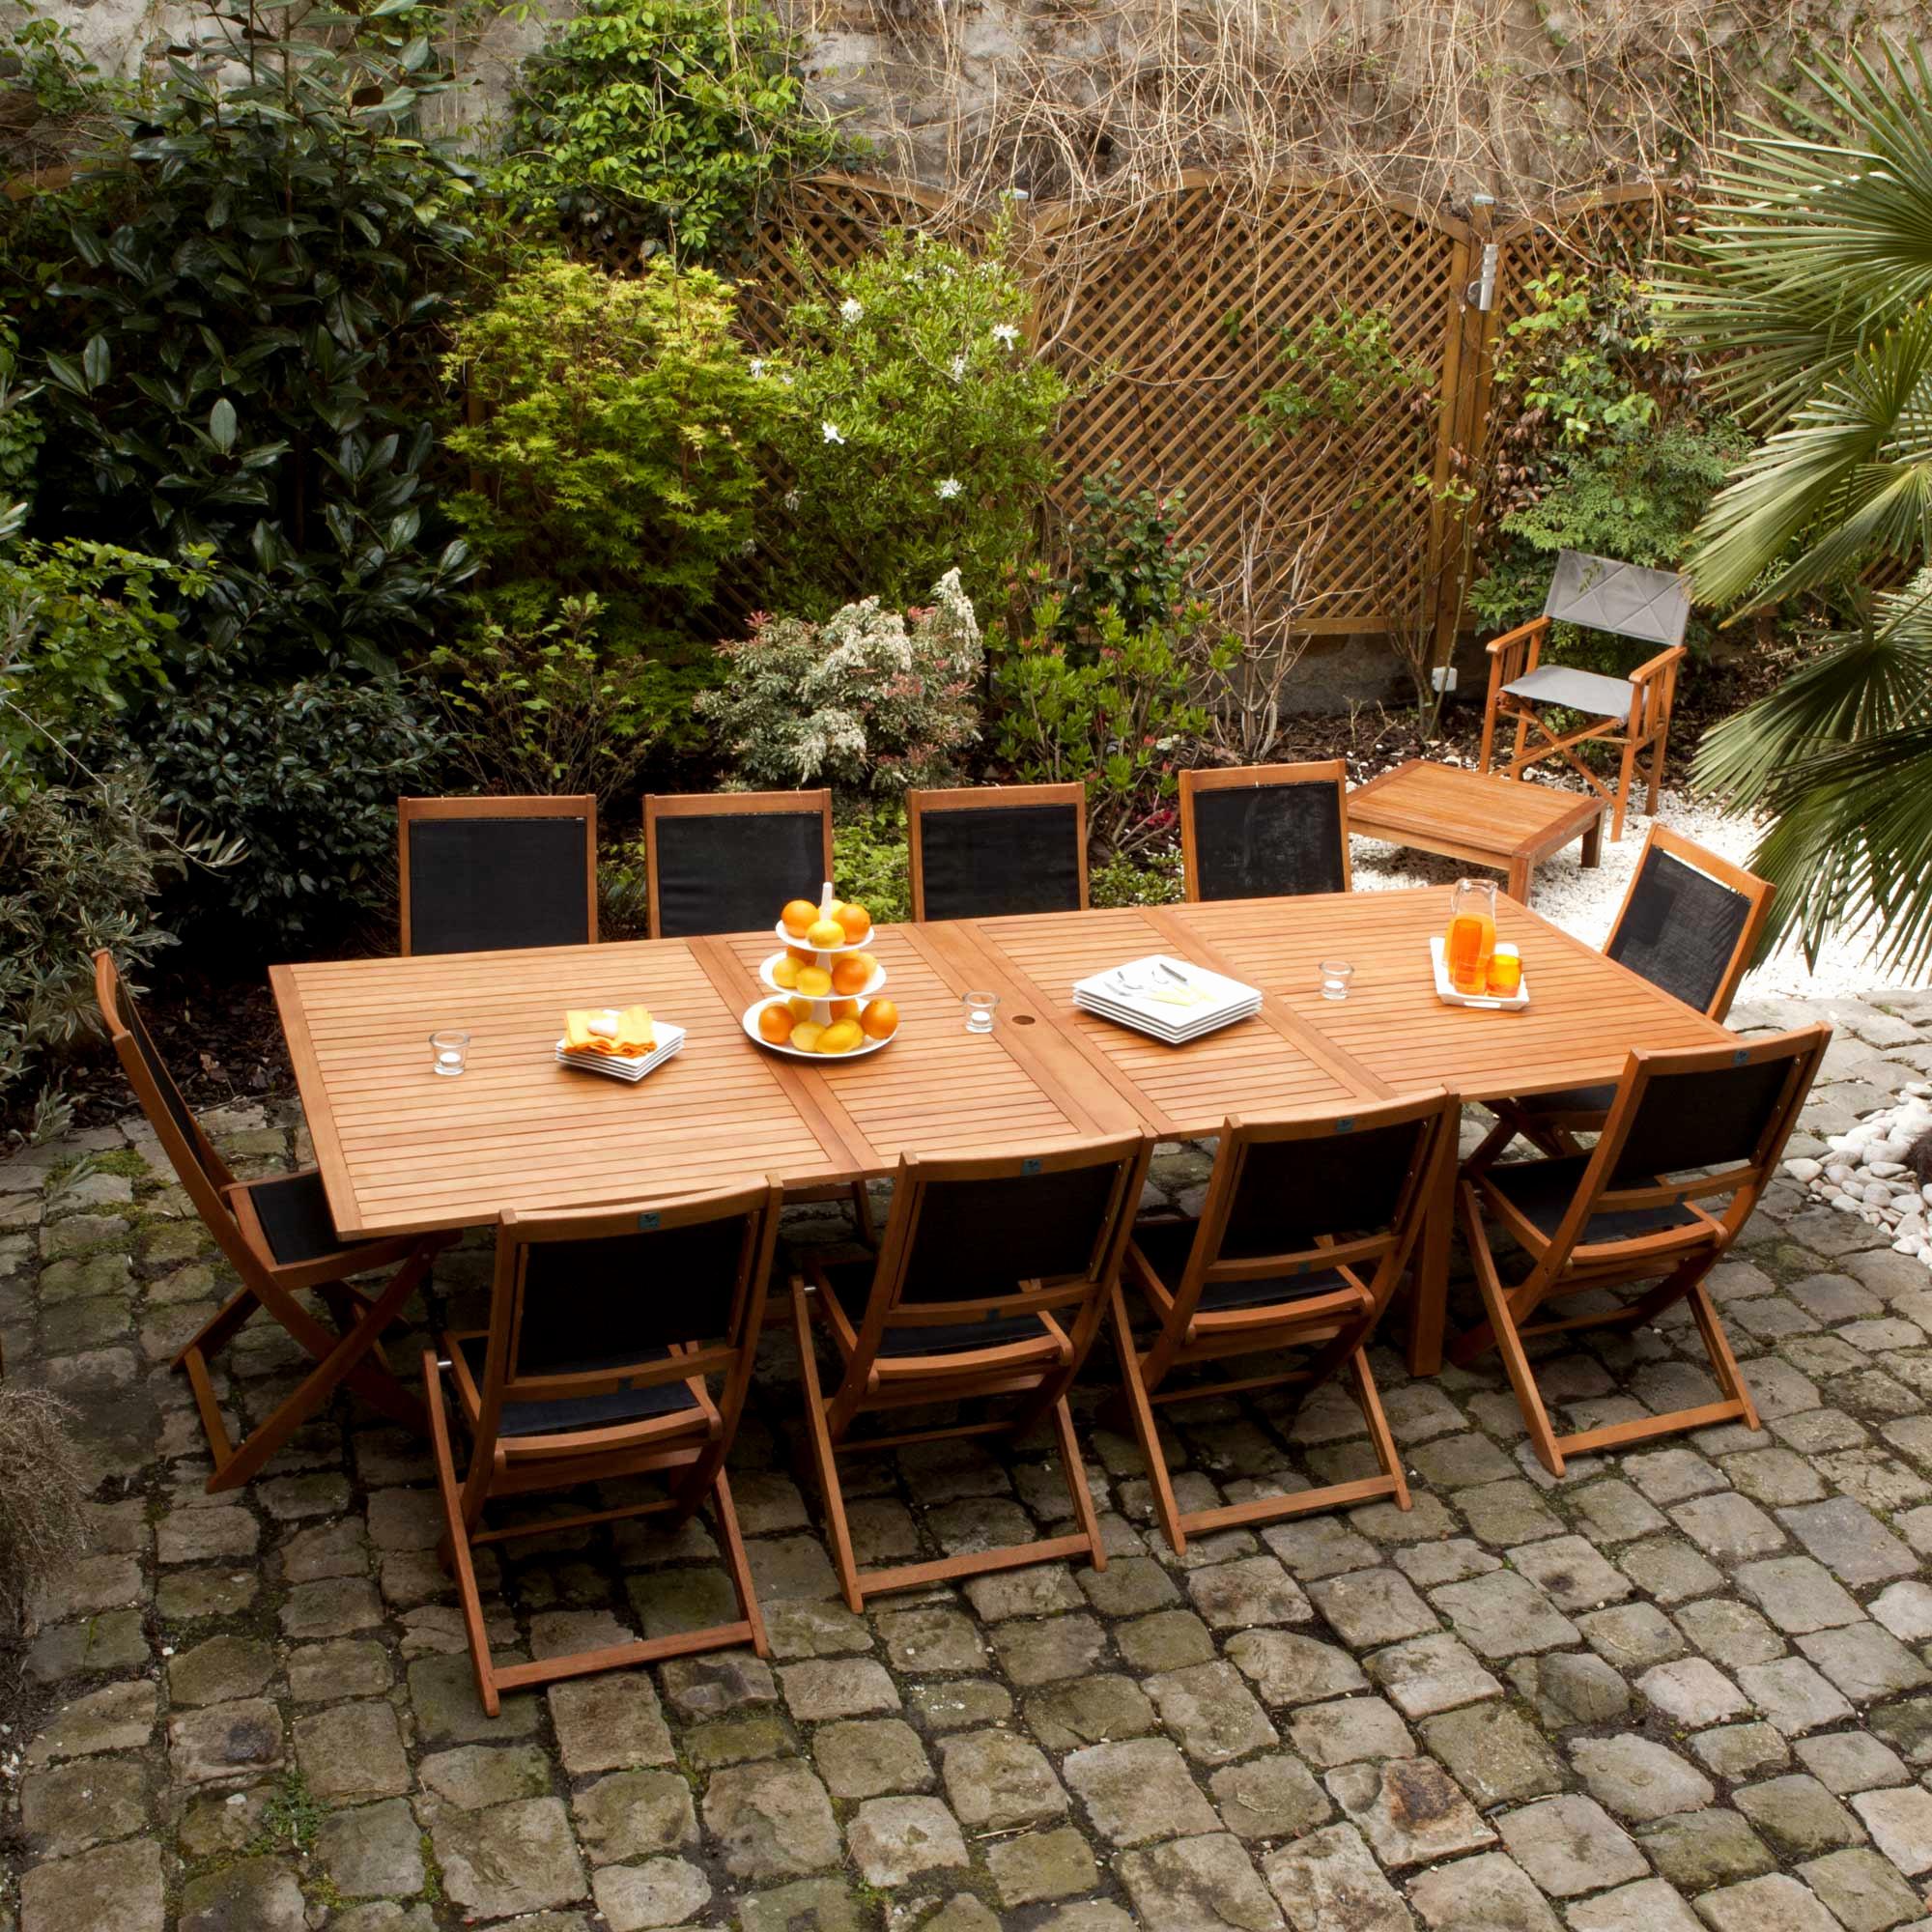 table pliante 180 cm leclerc beau table picnic bois leclerc 20 elegant leclerc table de jardin of table pliante 180 cm leclerc